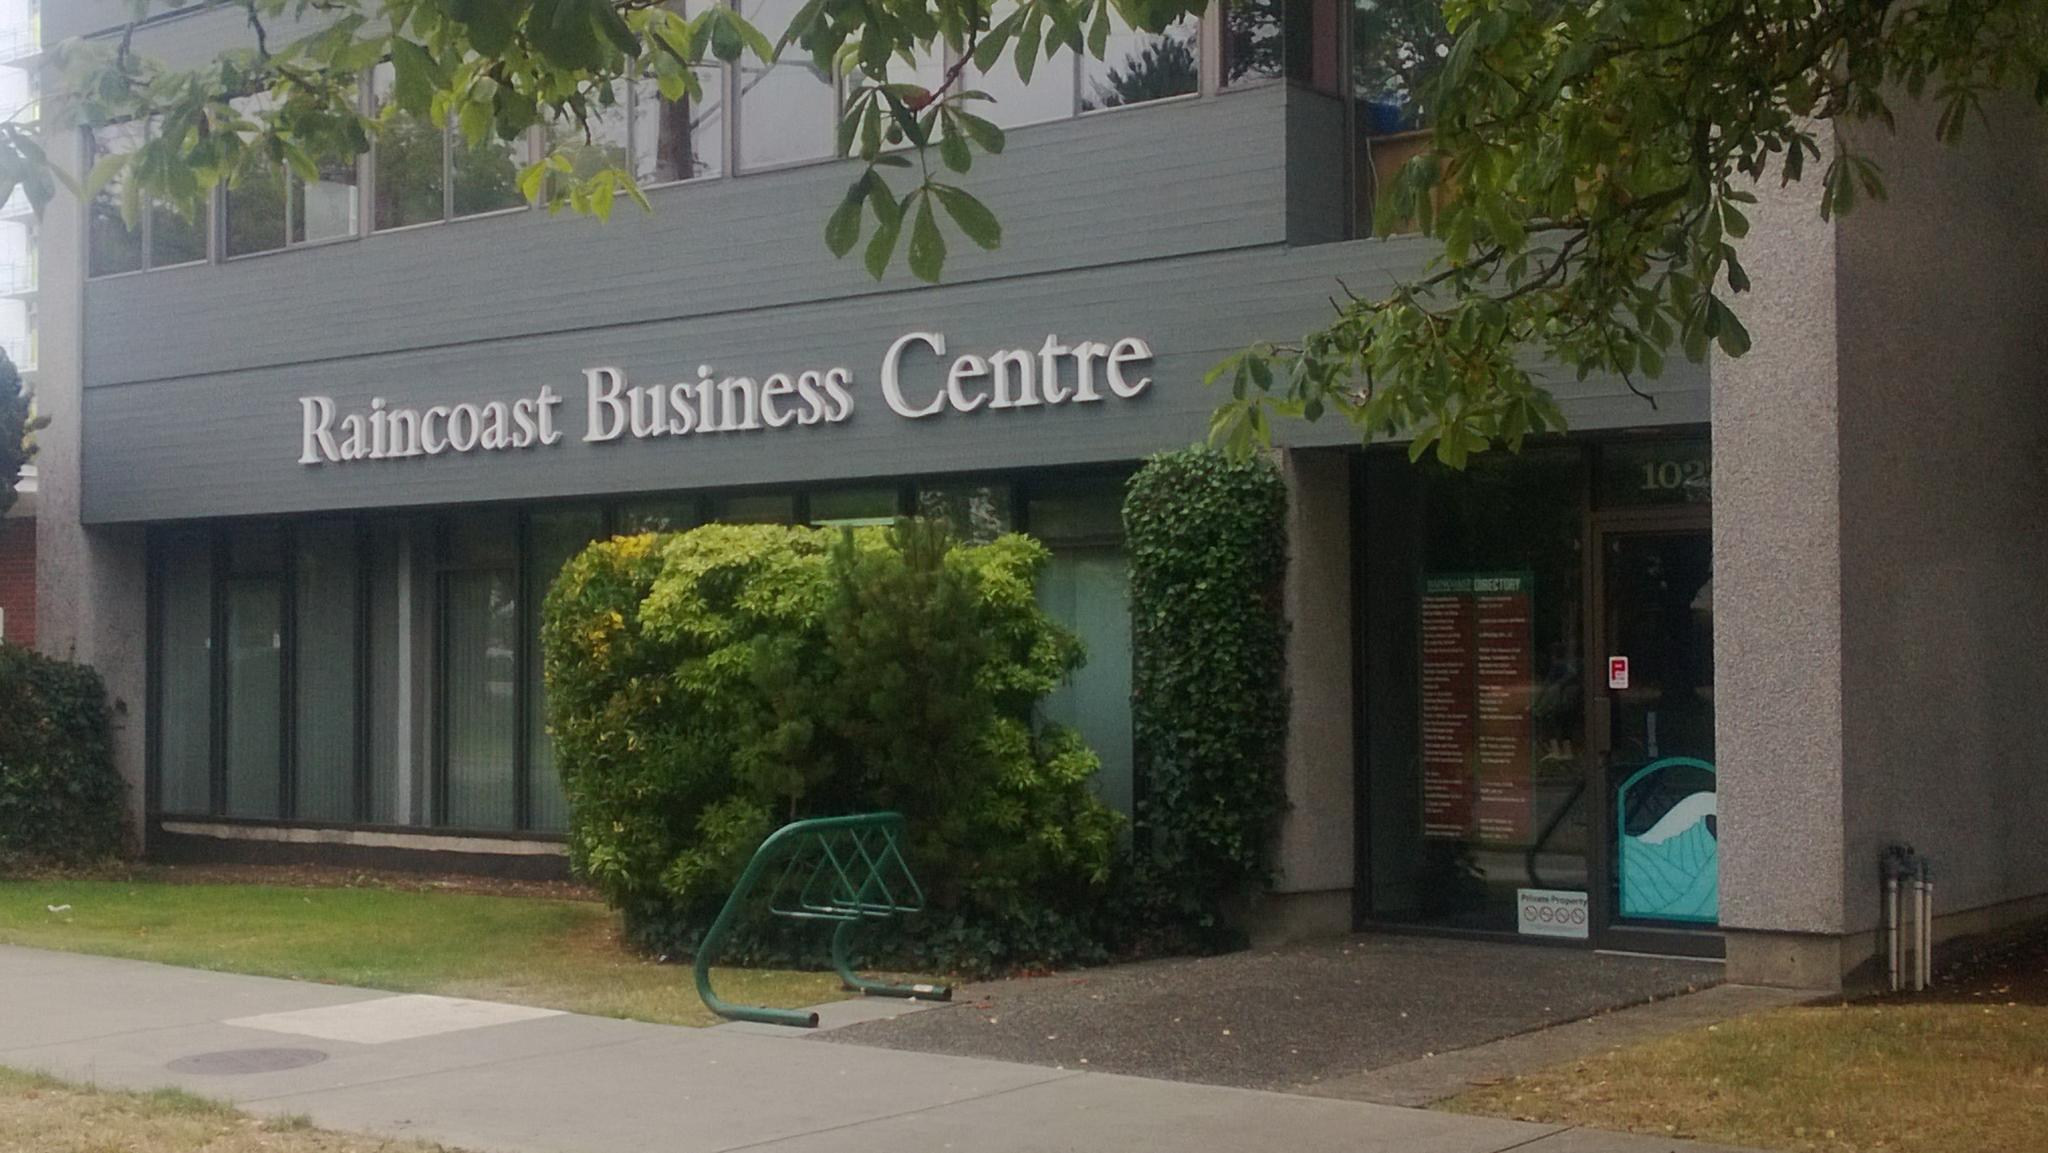 Raincoast Business Centre in Victoria